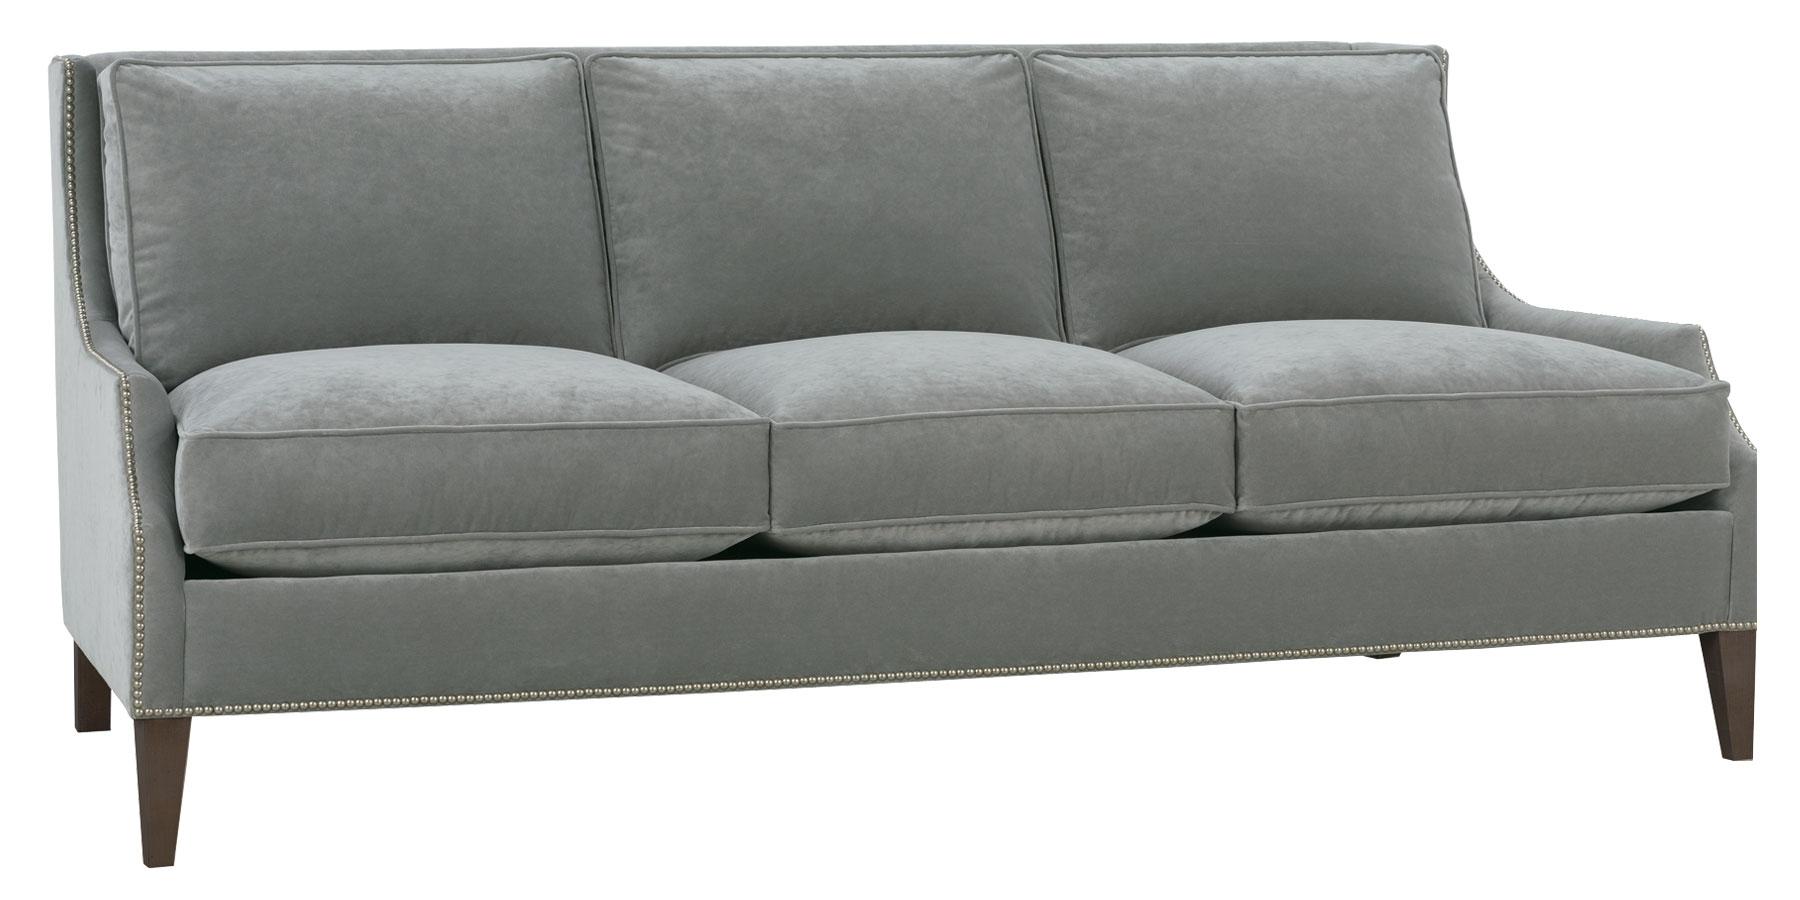 10 Ideas of Apartment Size Sofas  Sofa Ideas